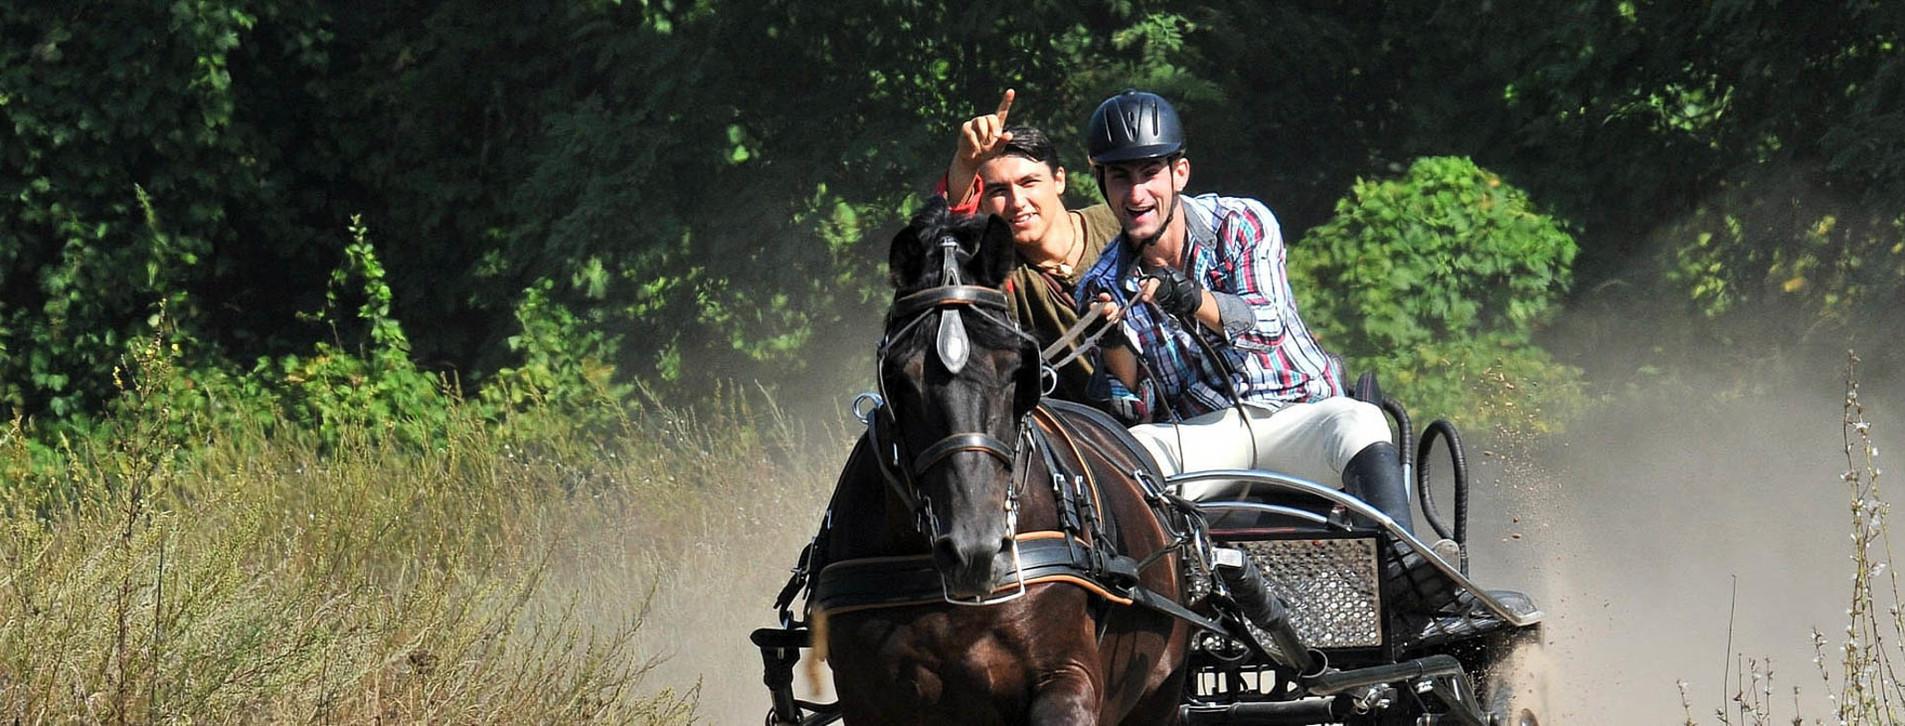 Фото 1 - Драйв на спортивных колесницах для двоих